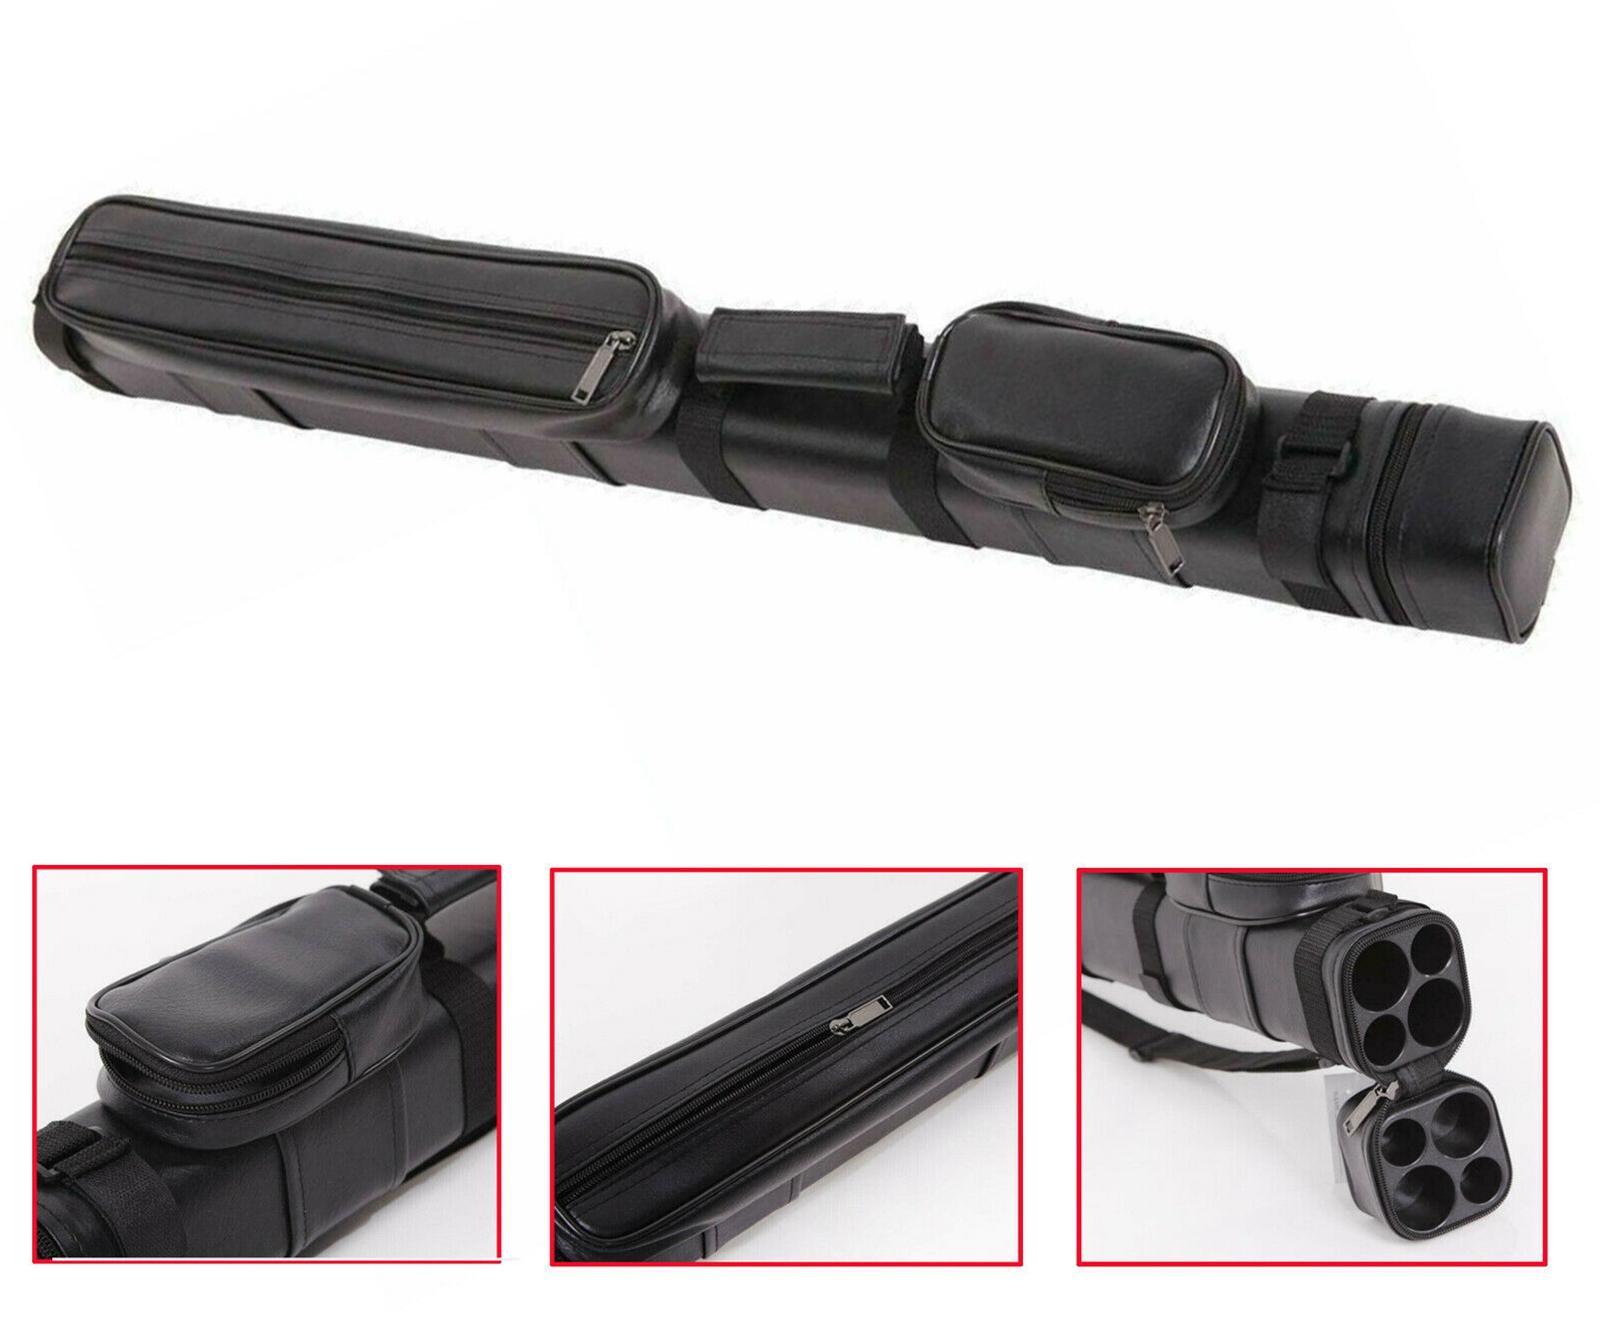 Cuoio artificiale 2x2 1/2 biliardo bastone piscina Barrel duro Cue tubo Case nero